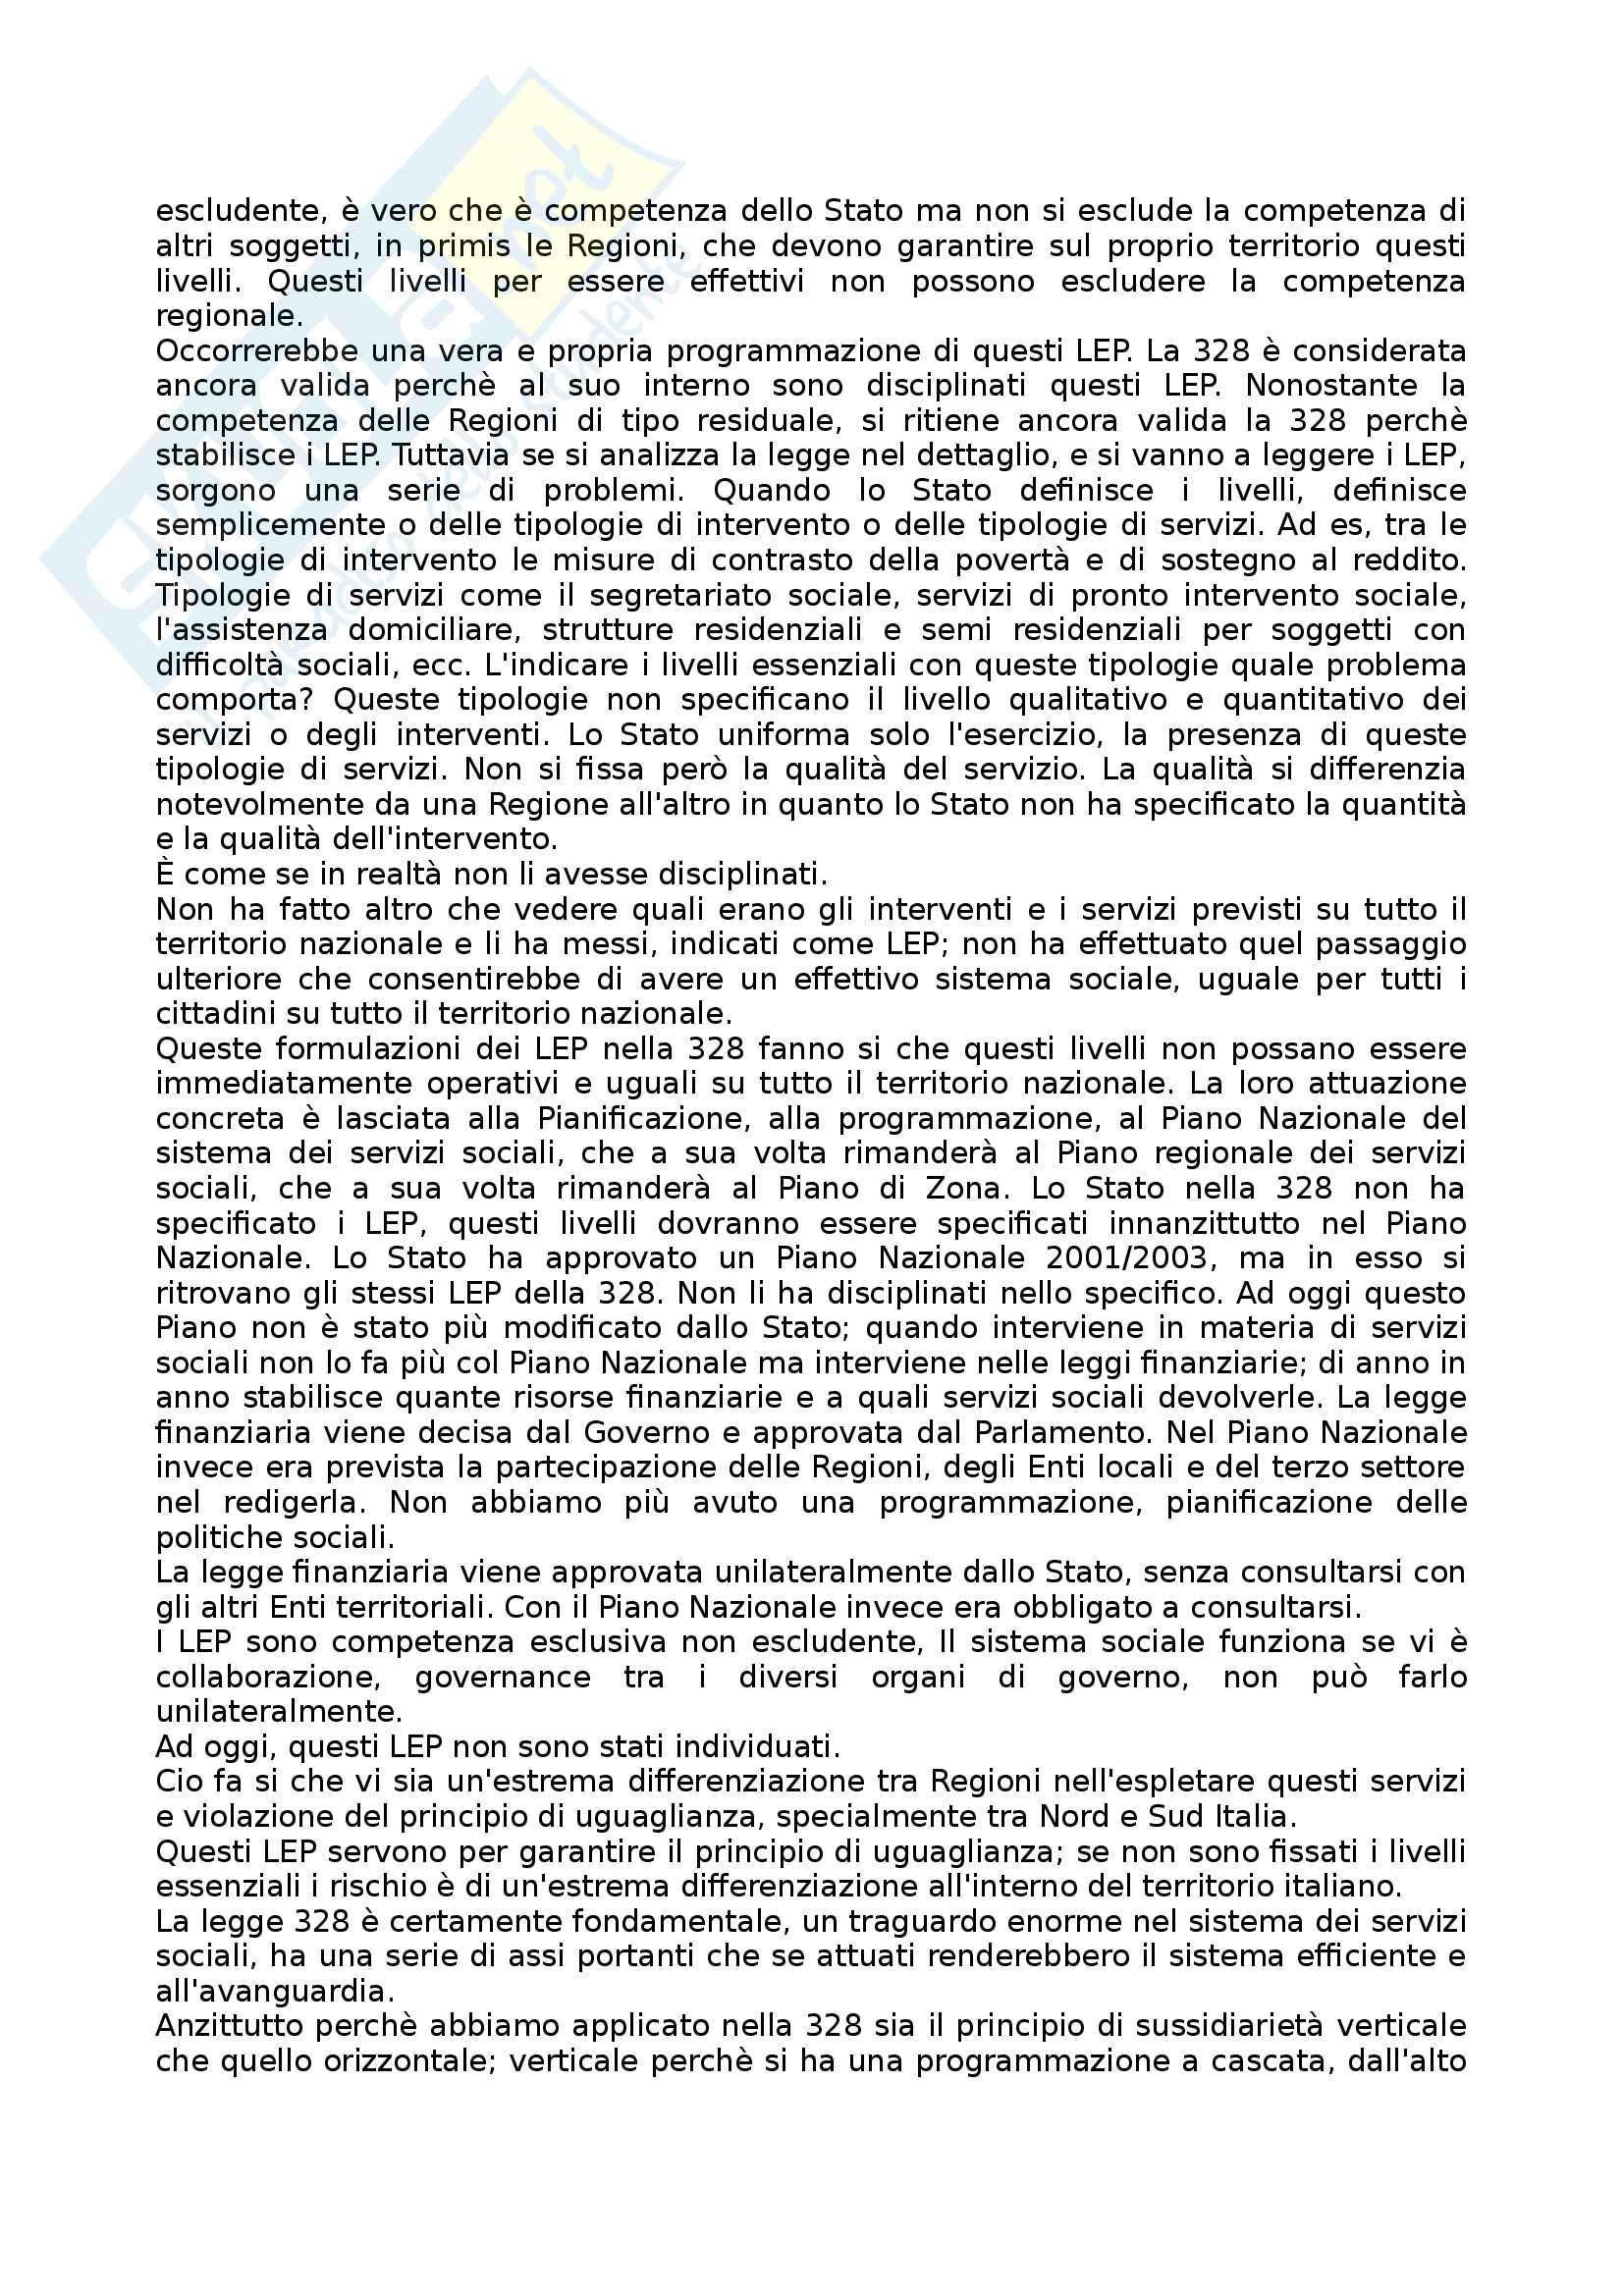 Riassunto Legge 328 Pag. 6